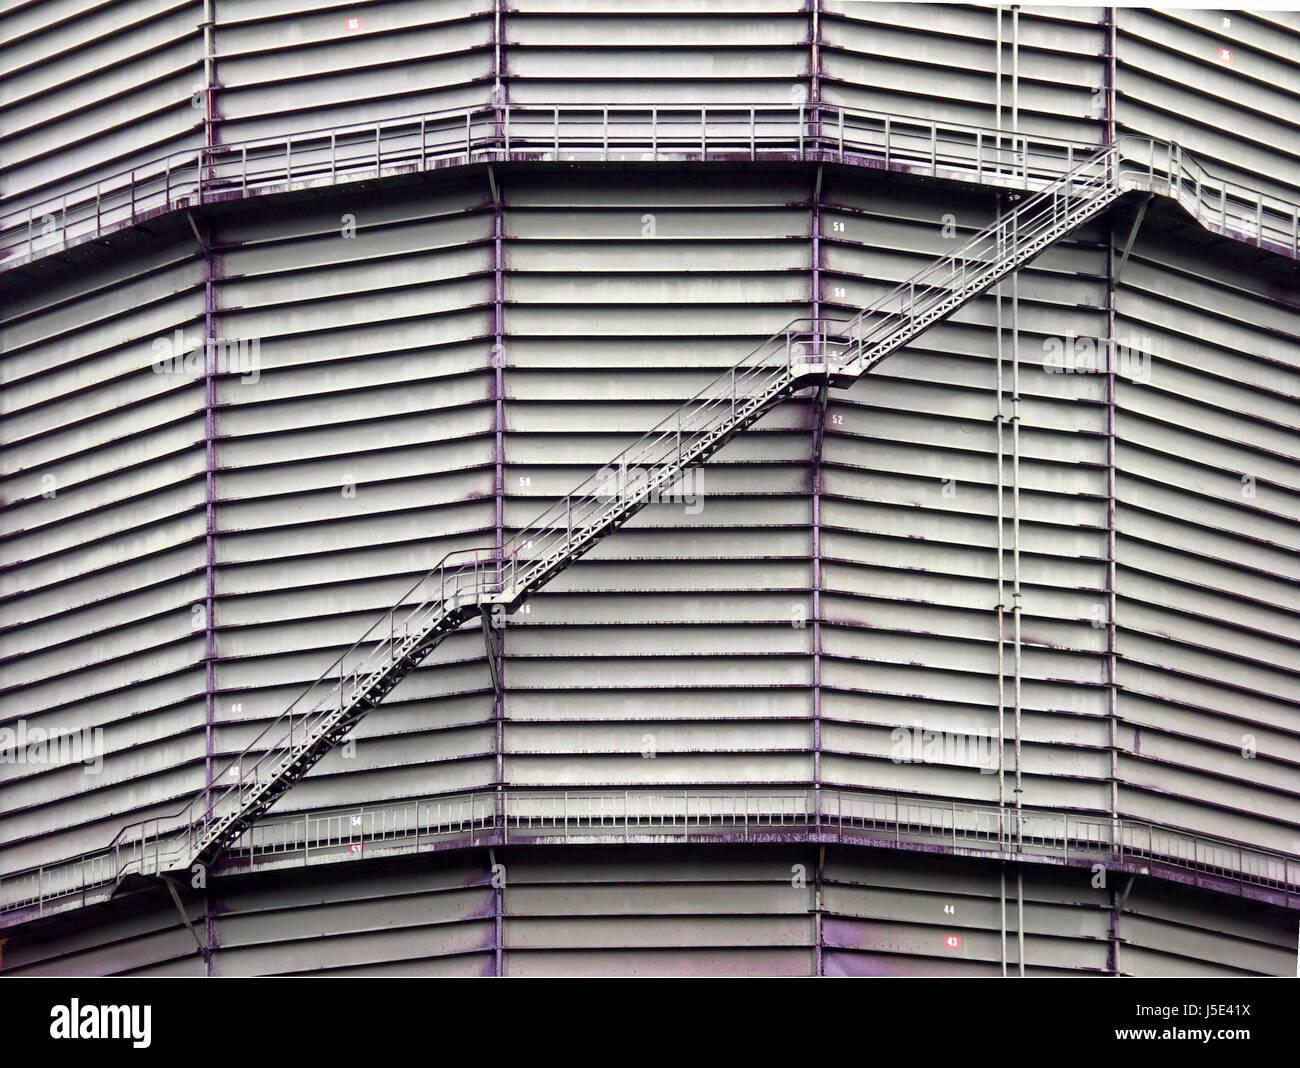 Treppen Saarland treppen industrie stahl metall ofen saarland hochdruck bereich